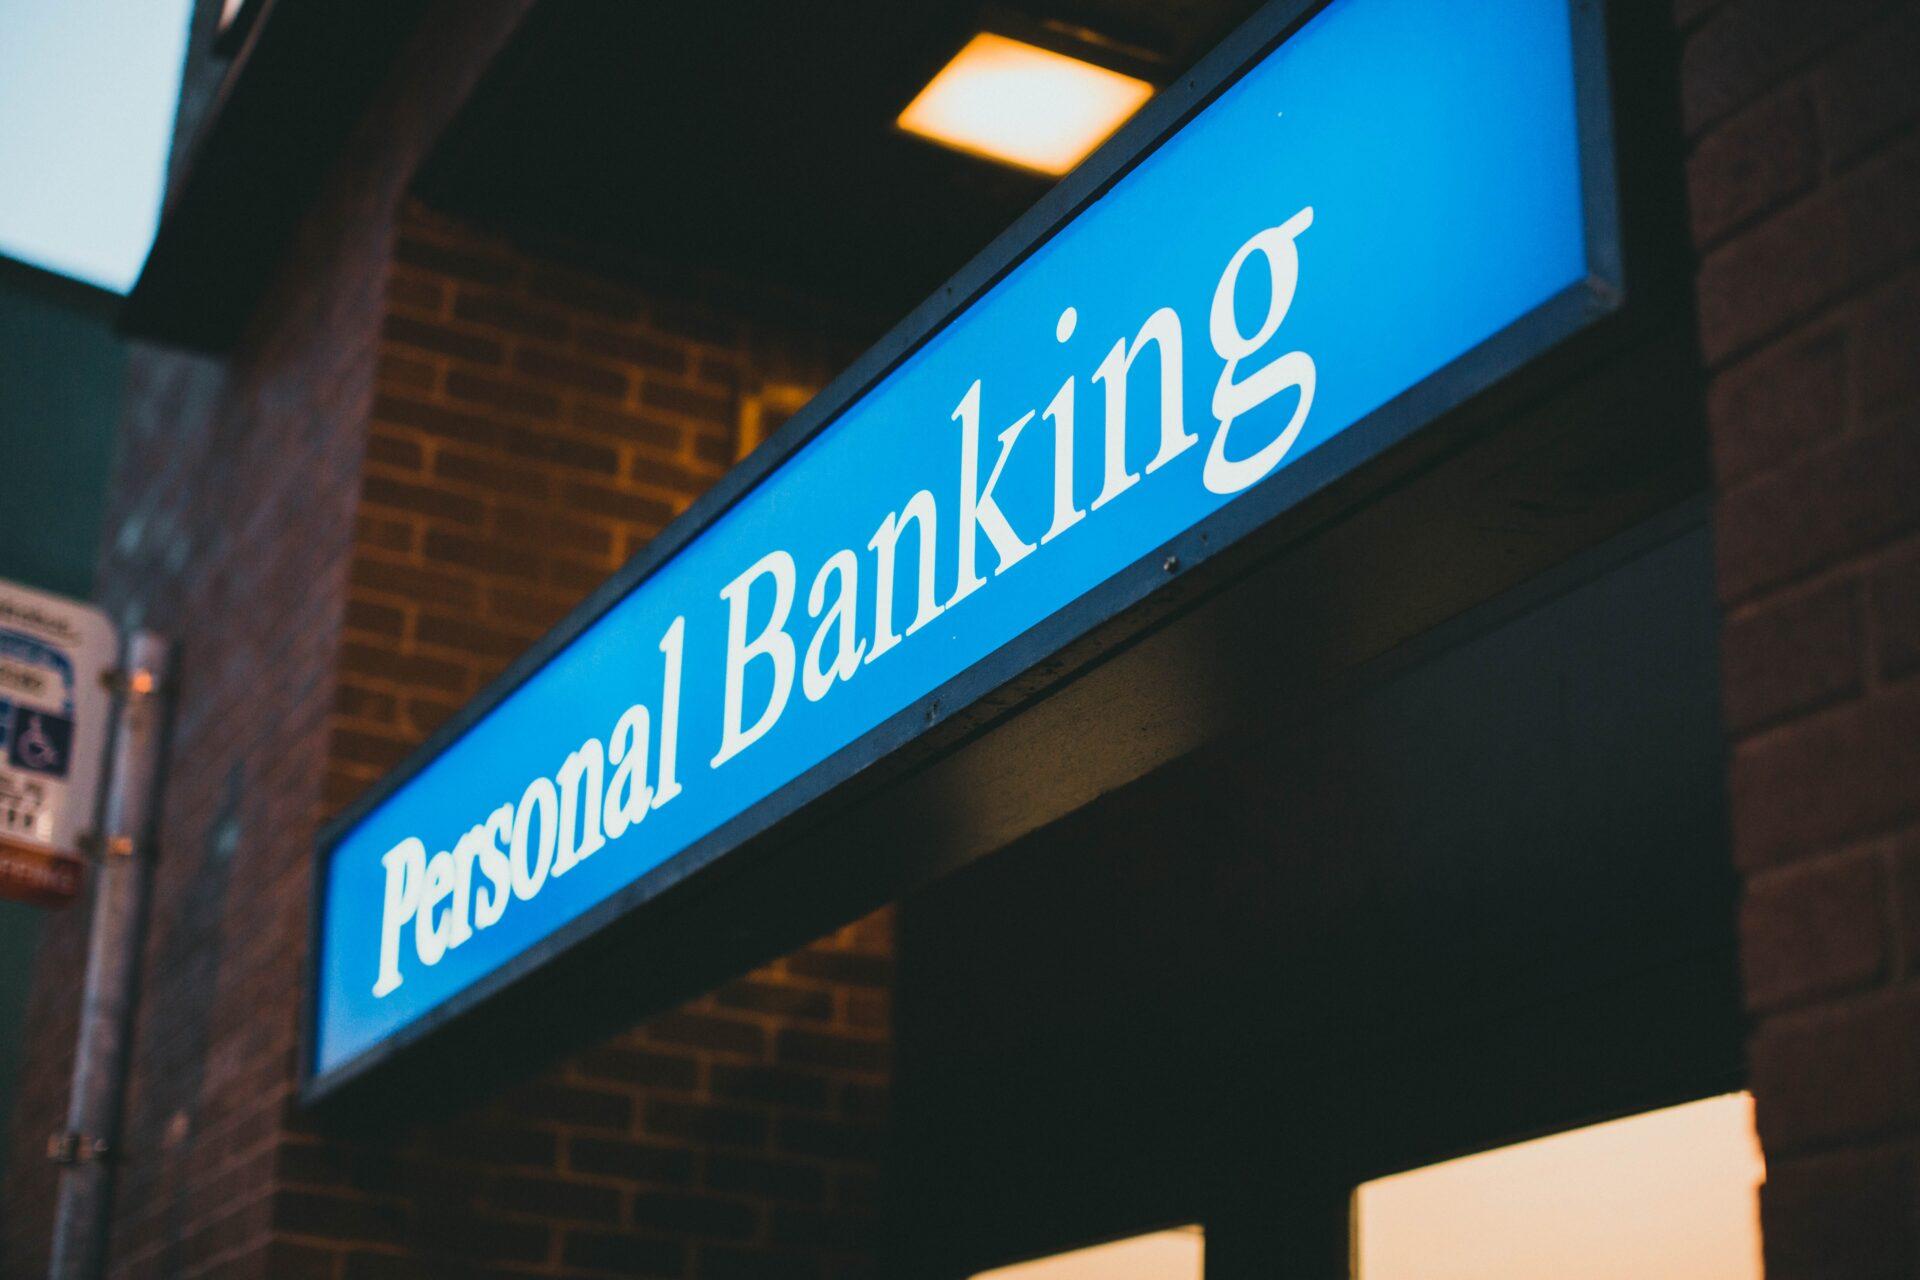 ラクマユーザーは必見!楽天銀行のメリットとは?ラクマを利用している人は開設すべき理由について紹介!